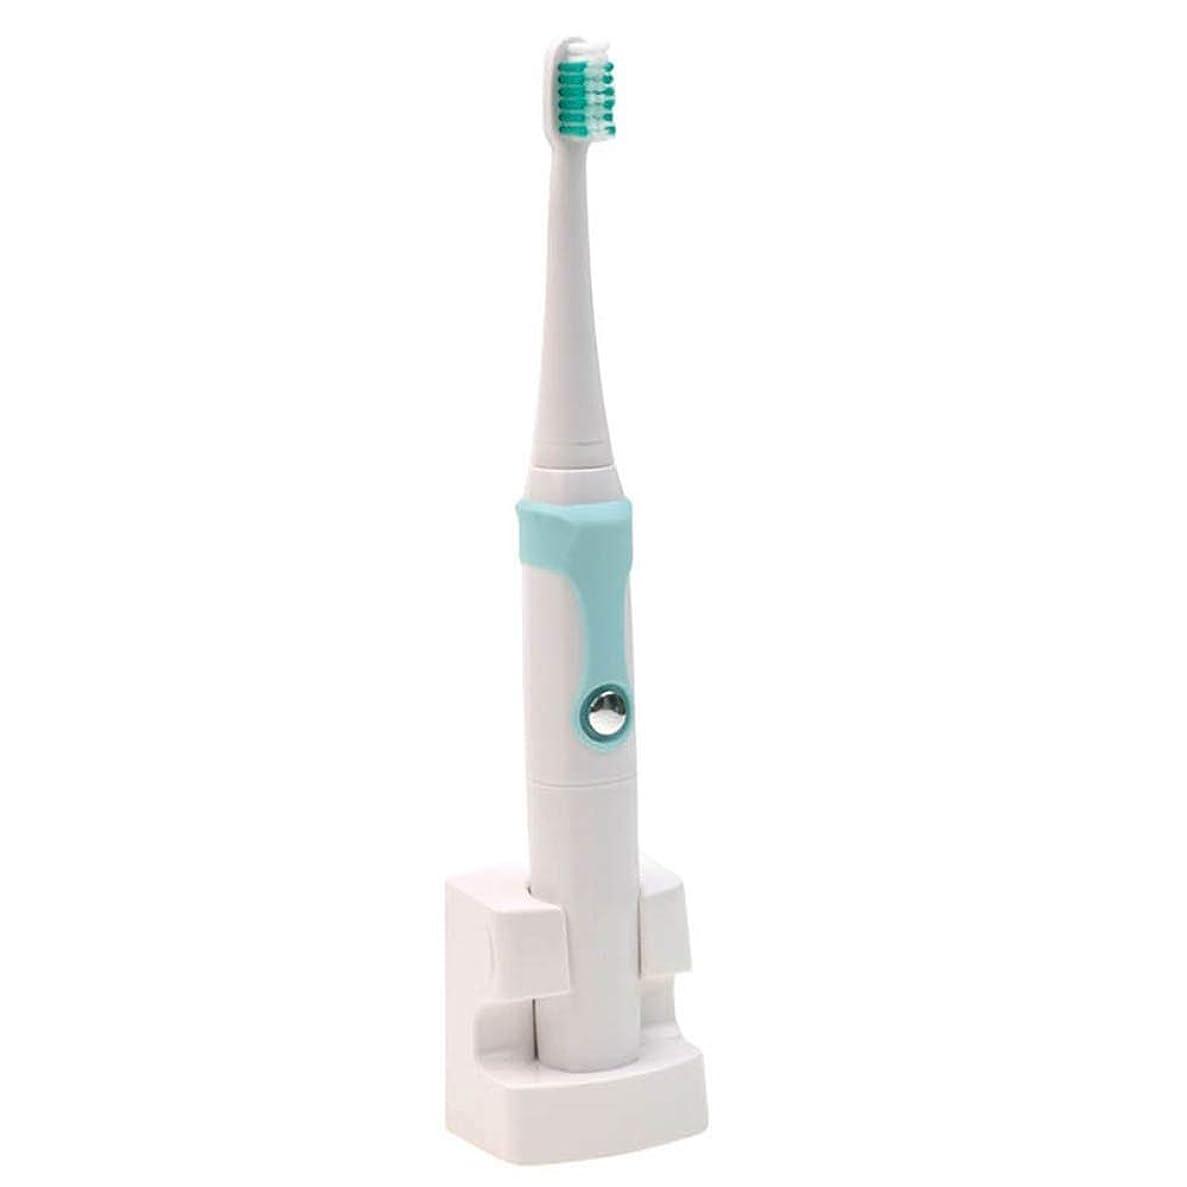 電動歯ブラシ30000 /分超音波歯ブラシ充電式電動歯ブラシ防水ファミリー電動歯ブラシES子供と大人のための